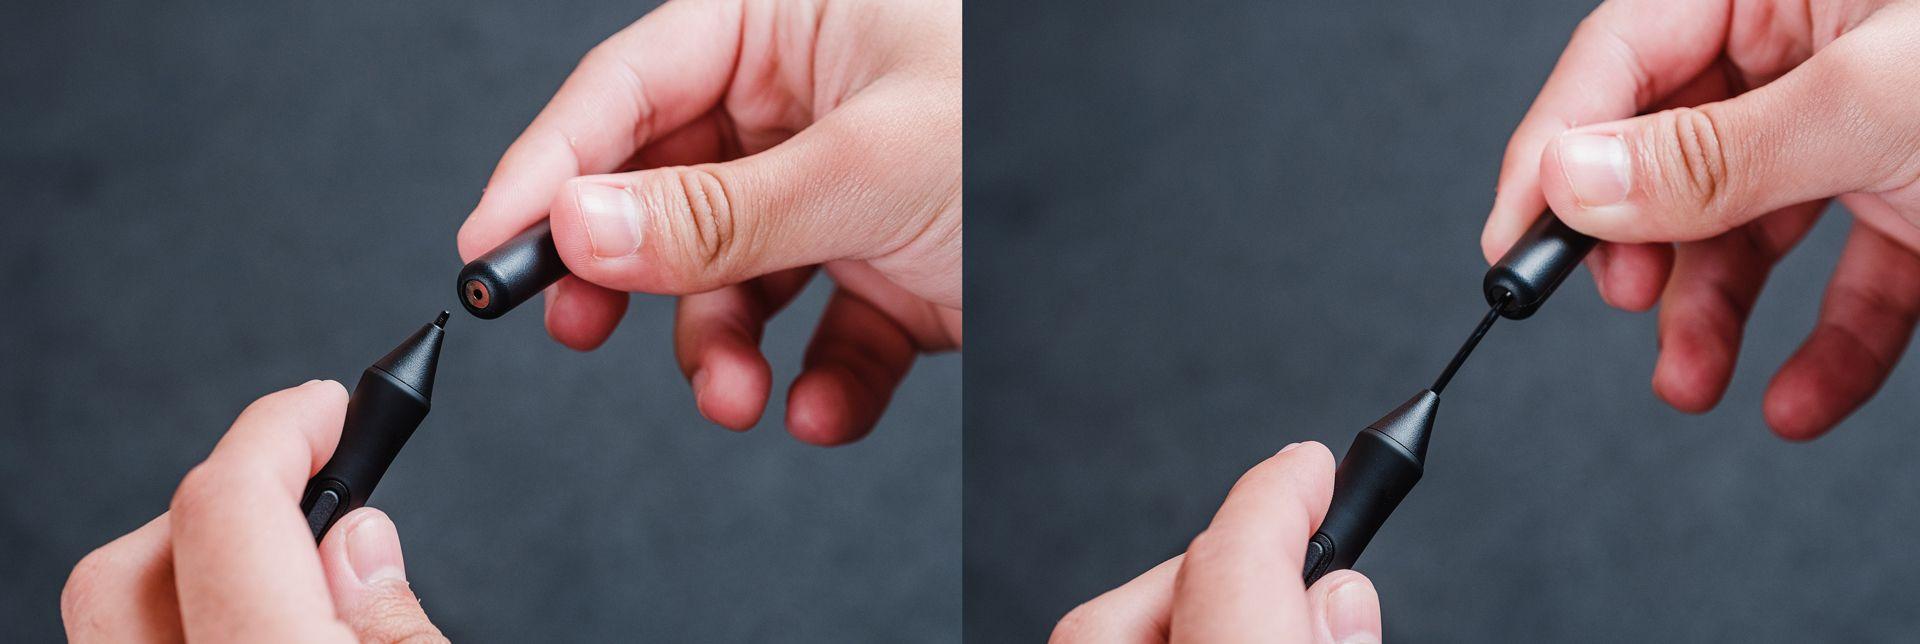 Extrair a ponta da caneta é bem simples (Foto: Zoom)